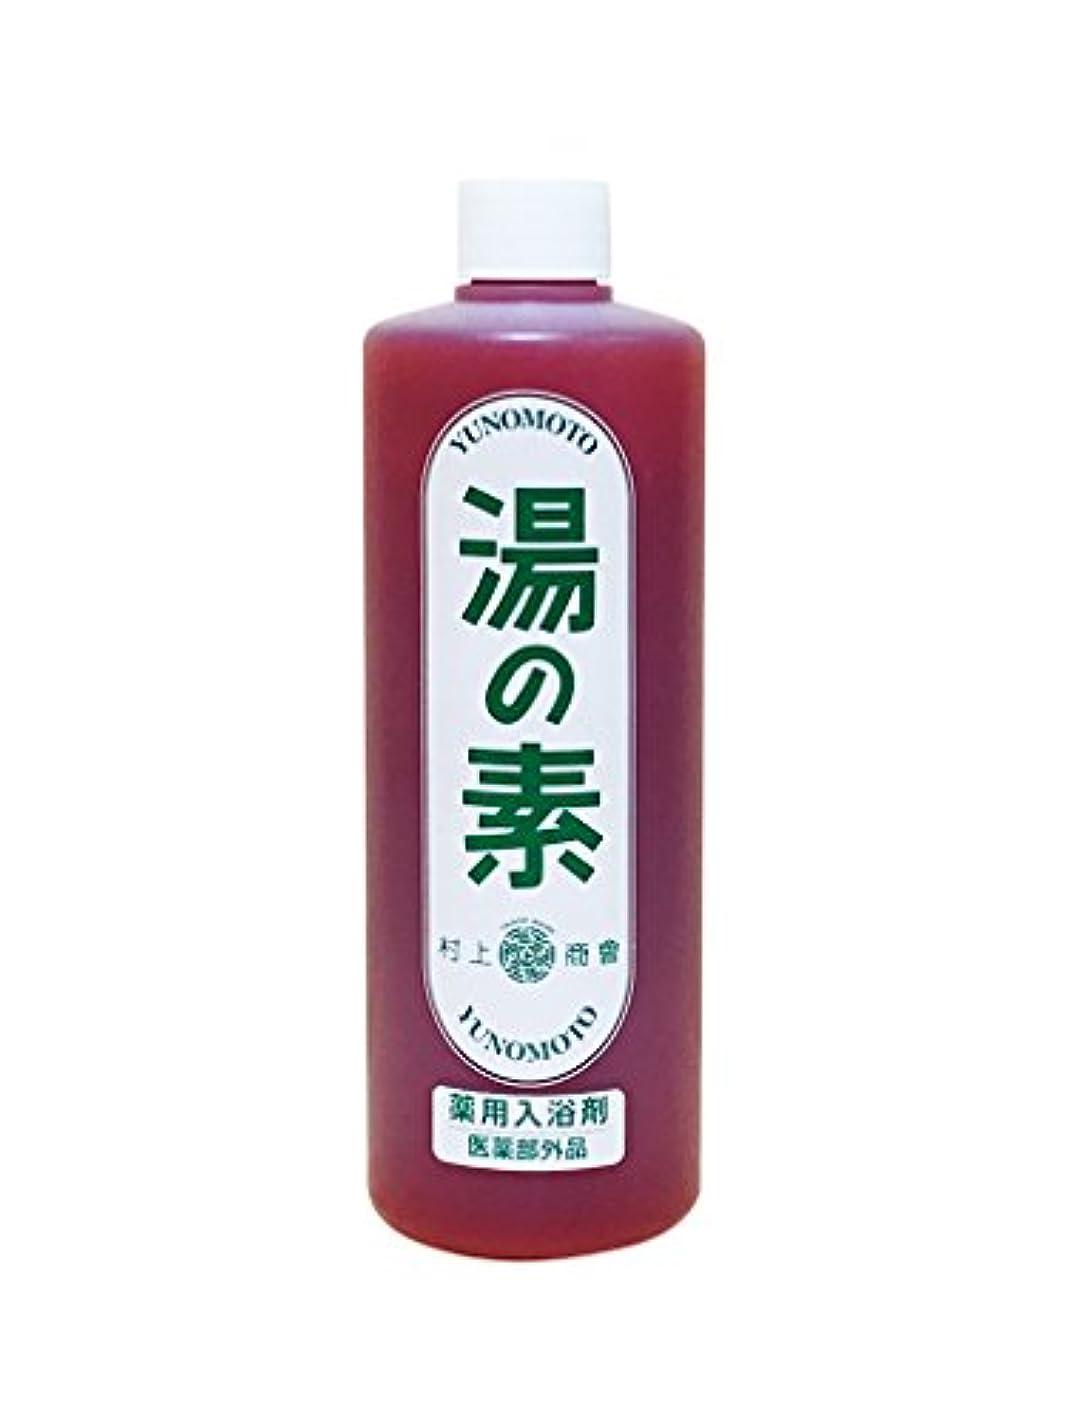 溢れんばかりの補充エンジニア硫黄乳白色湯 湯の素 薬用入浴剤 (医薬部外品) 490g